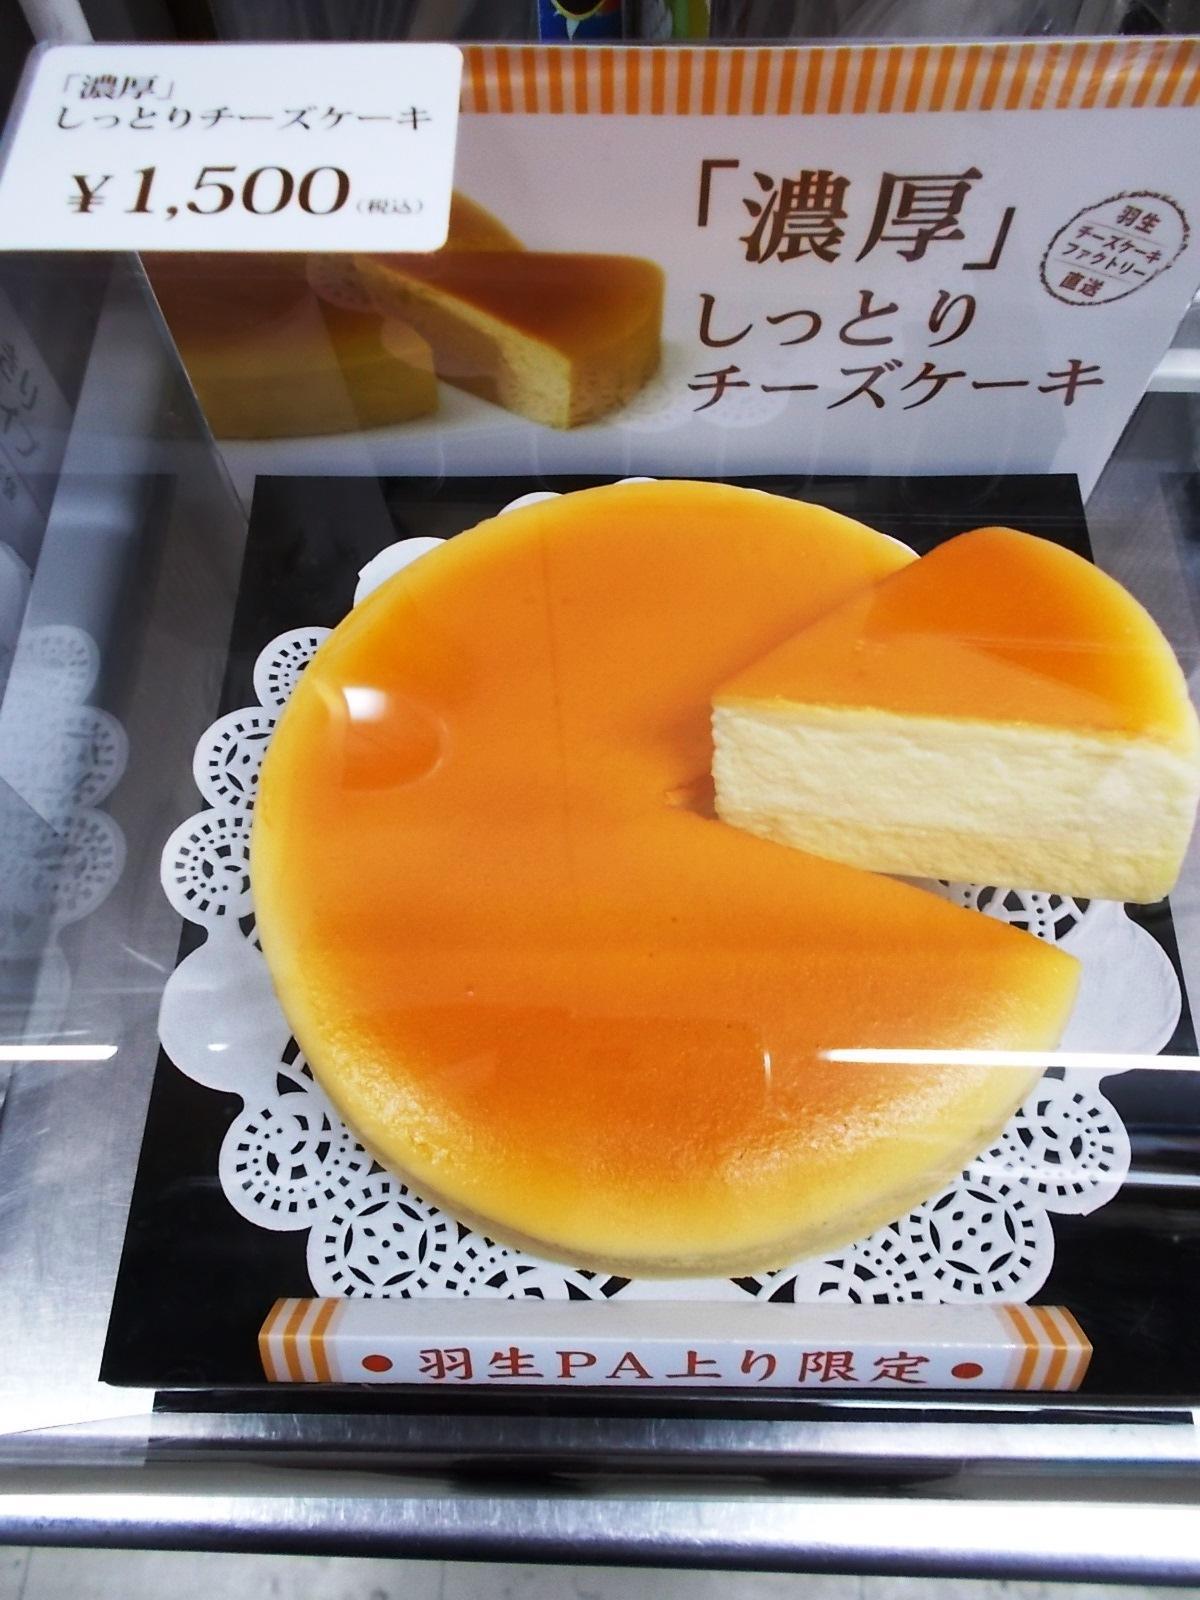 おすすめベスト1 濃厚しっとりチーズケーキ